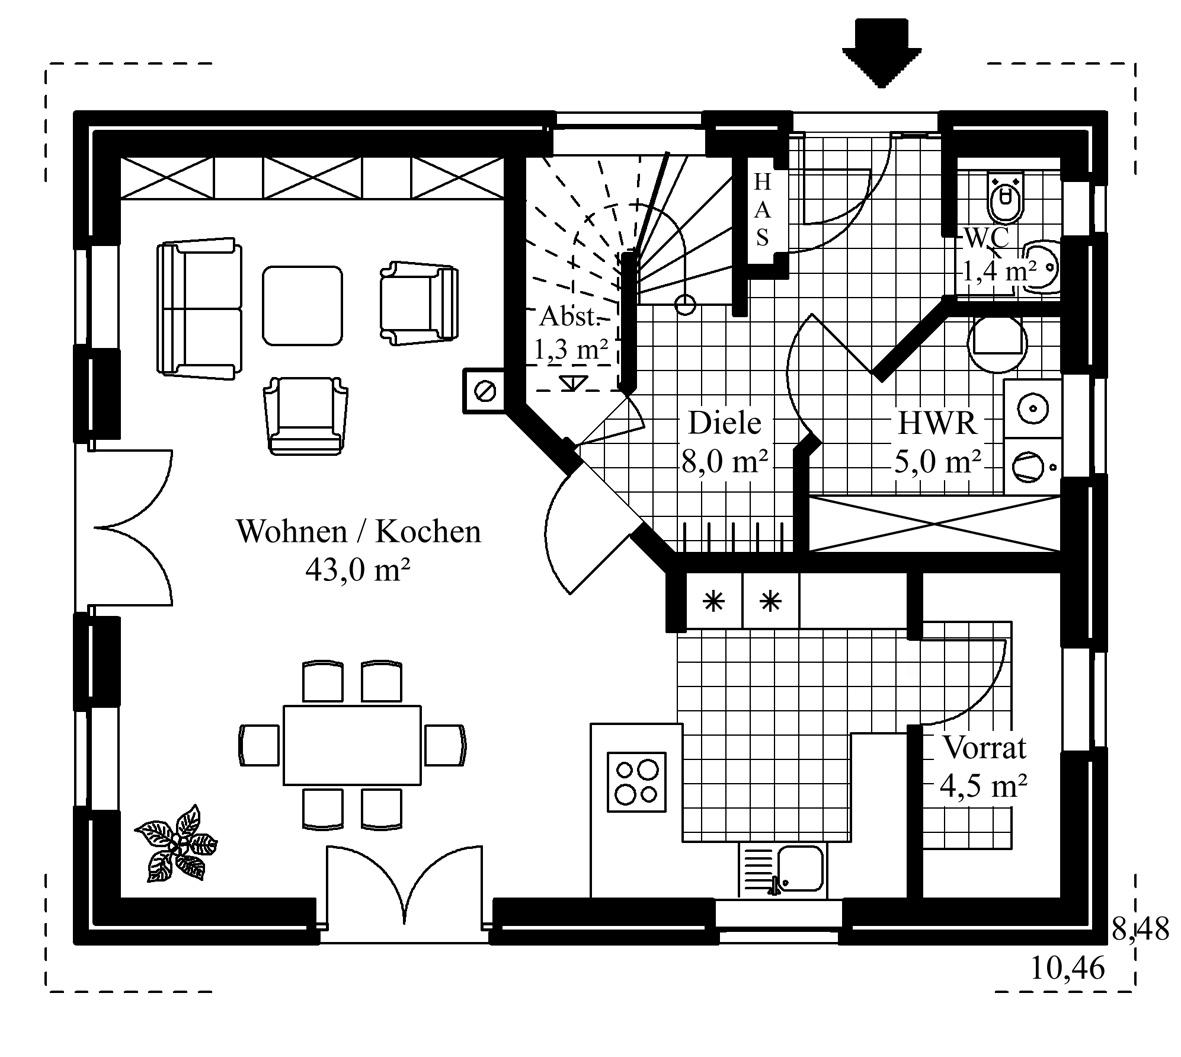 grundriss offene kche great kuche grundriss grundriss bungalow offene kuche grundriss bungalow. Black Bedroom Furniture Sets. Home Design Ideas